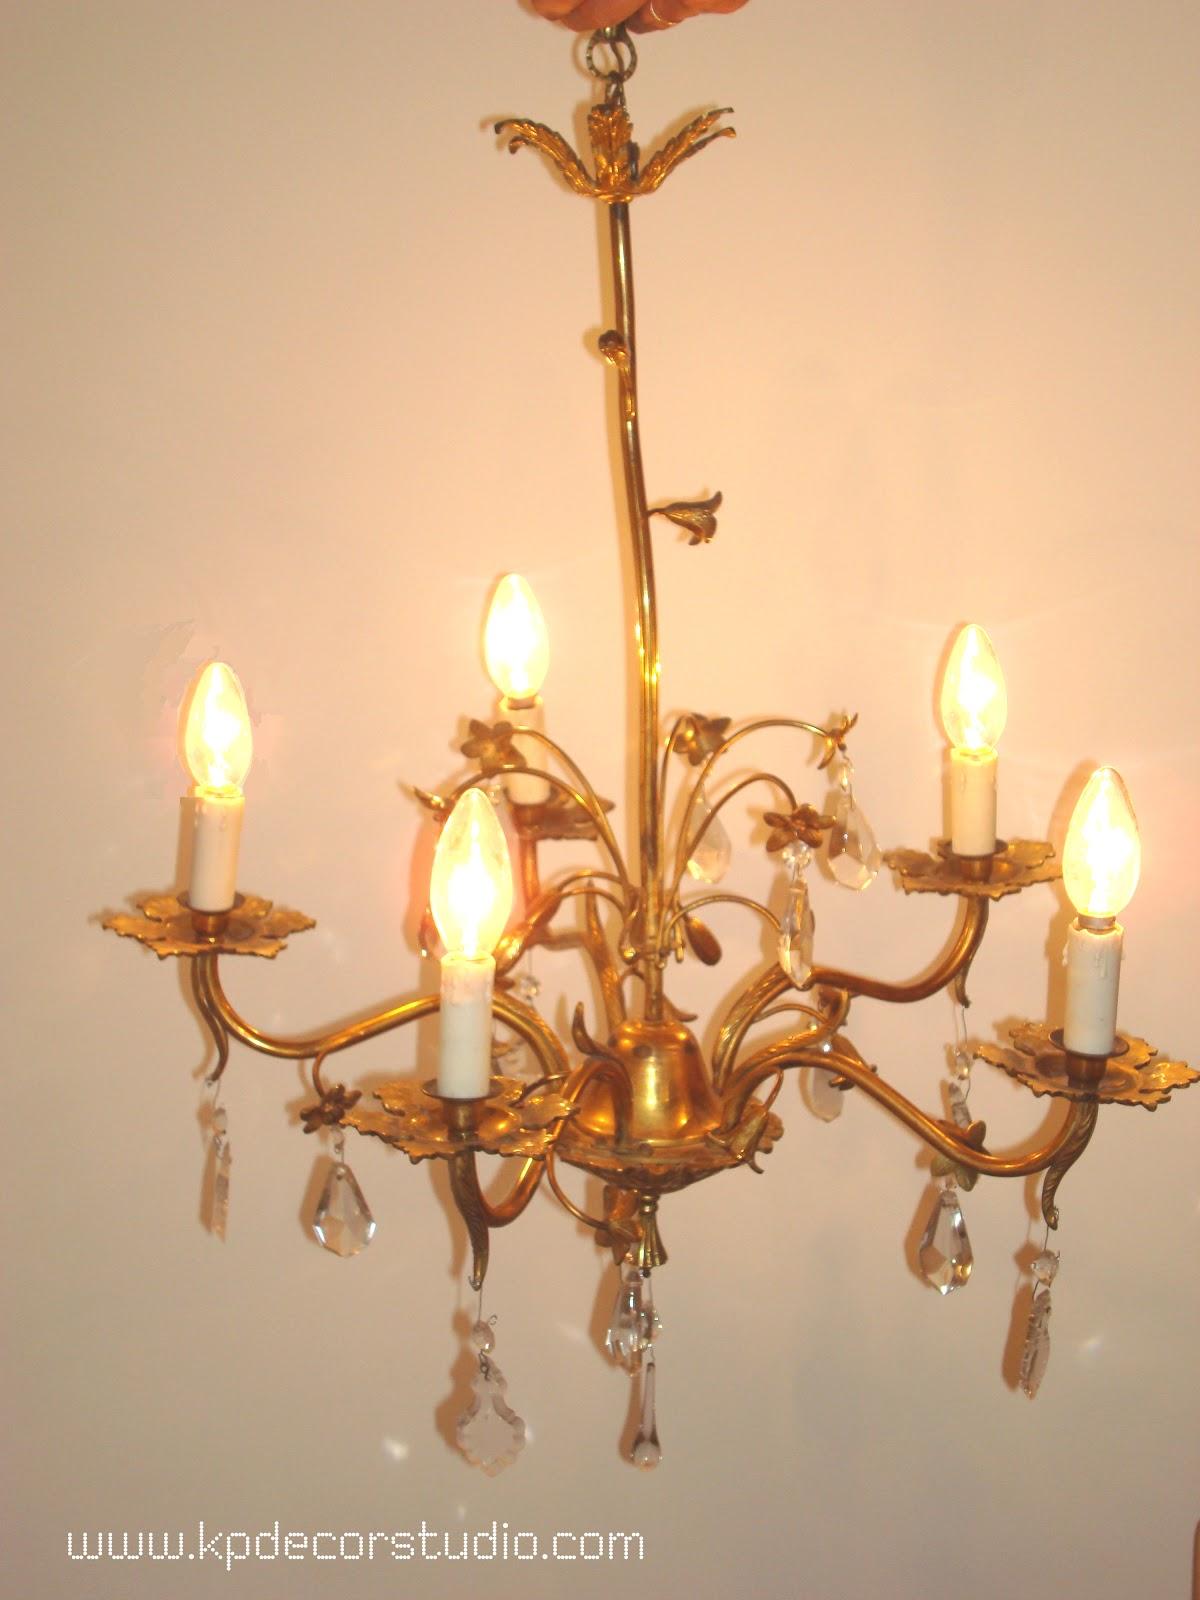 Kp tienda vintage online l mpara de l grimas a os 50 - Precios de lamparas ...